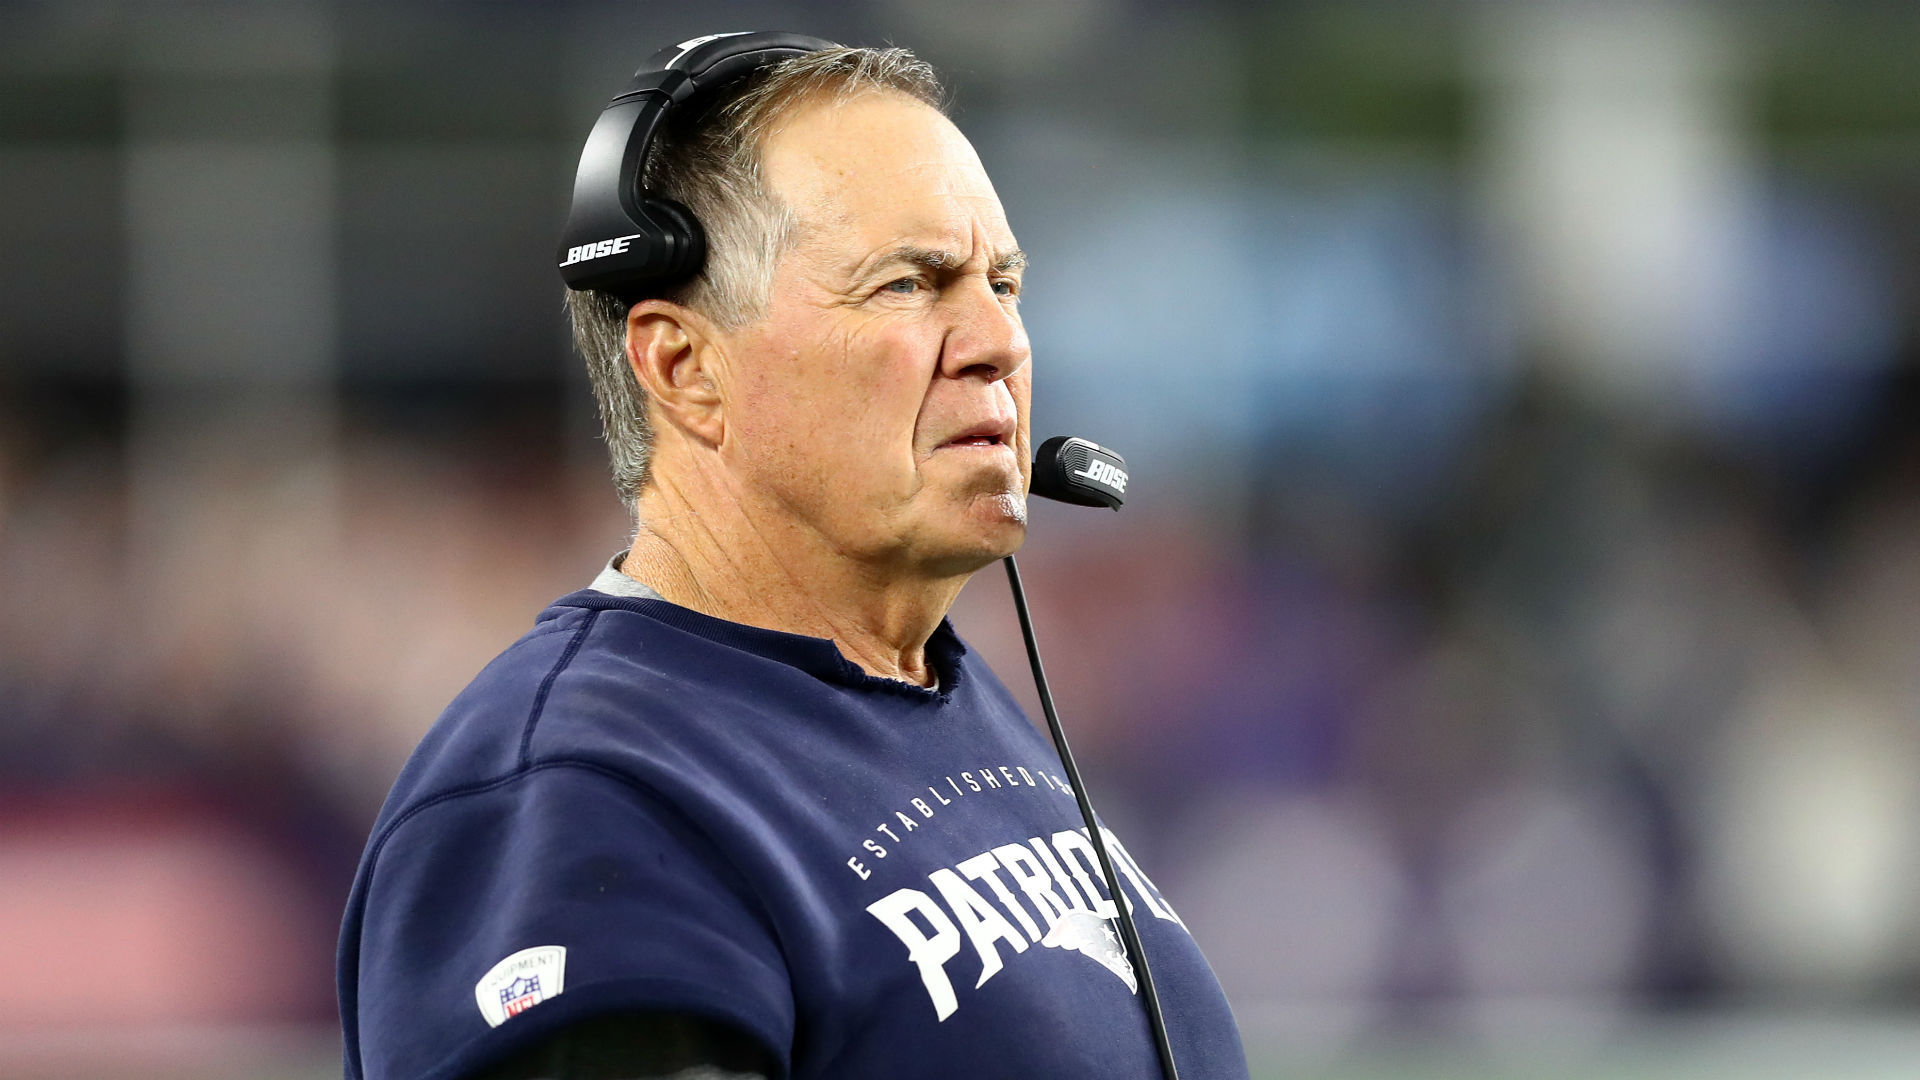 Patriots' Bill Belichick shuts down Antonio Brown questions